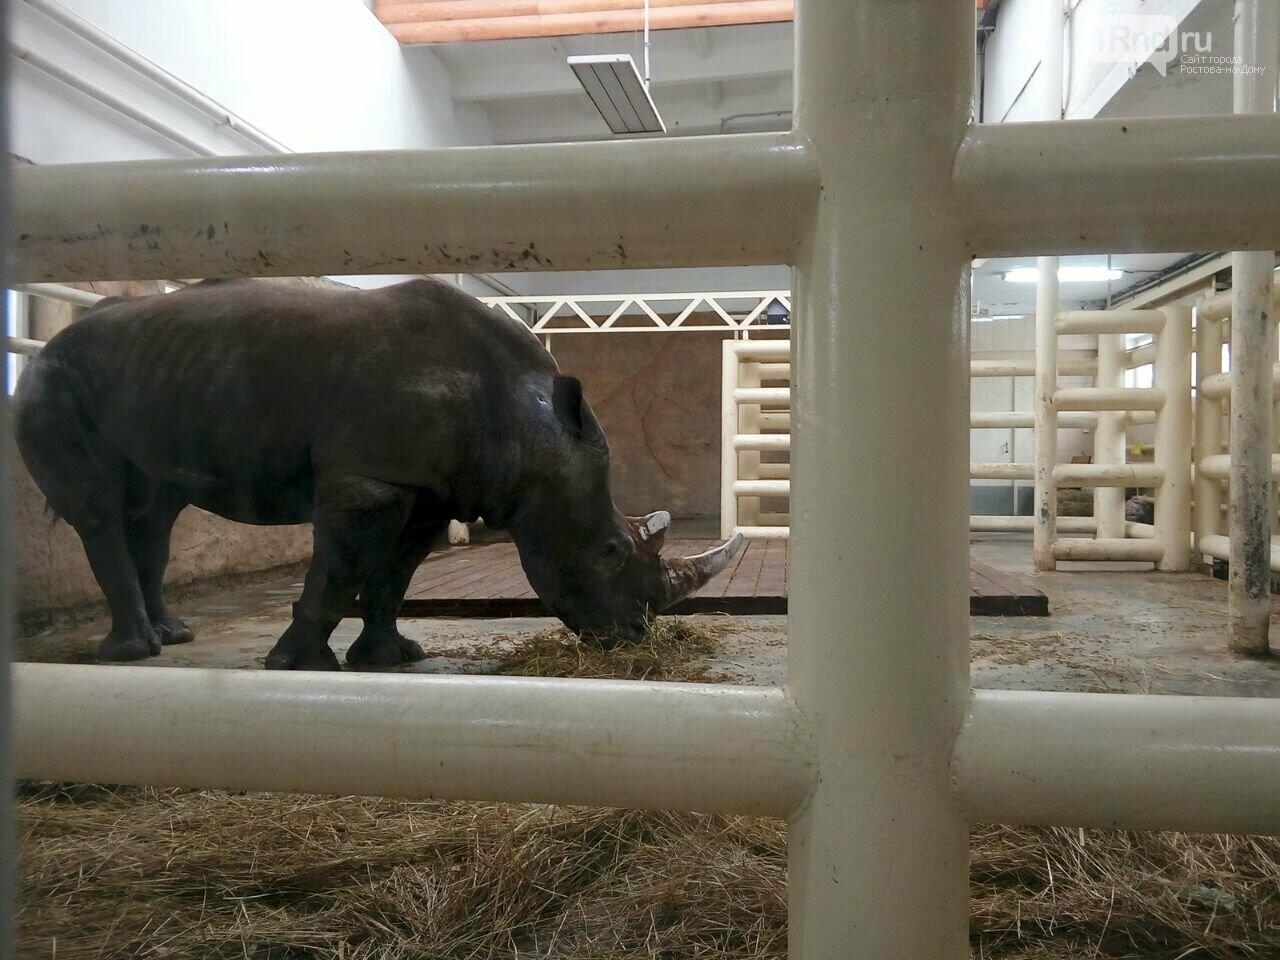 В ростовском зоопарке горожанам впервые показали носорога из Израиля, фото-7